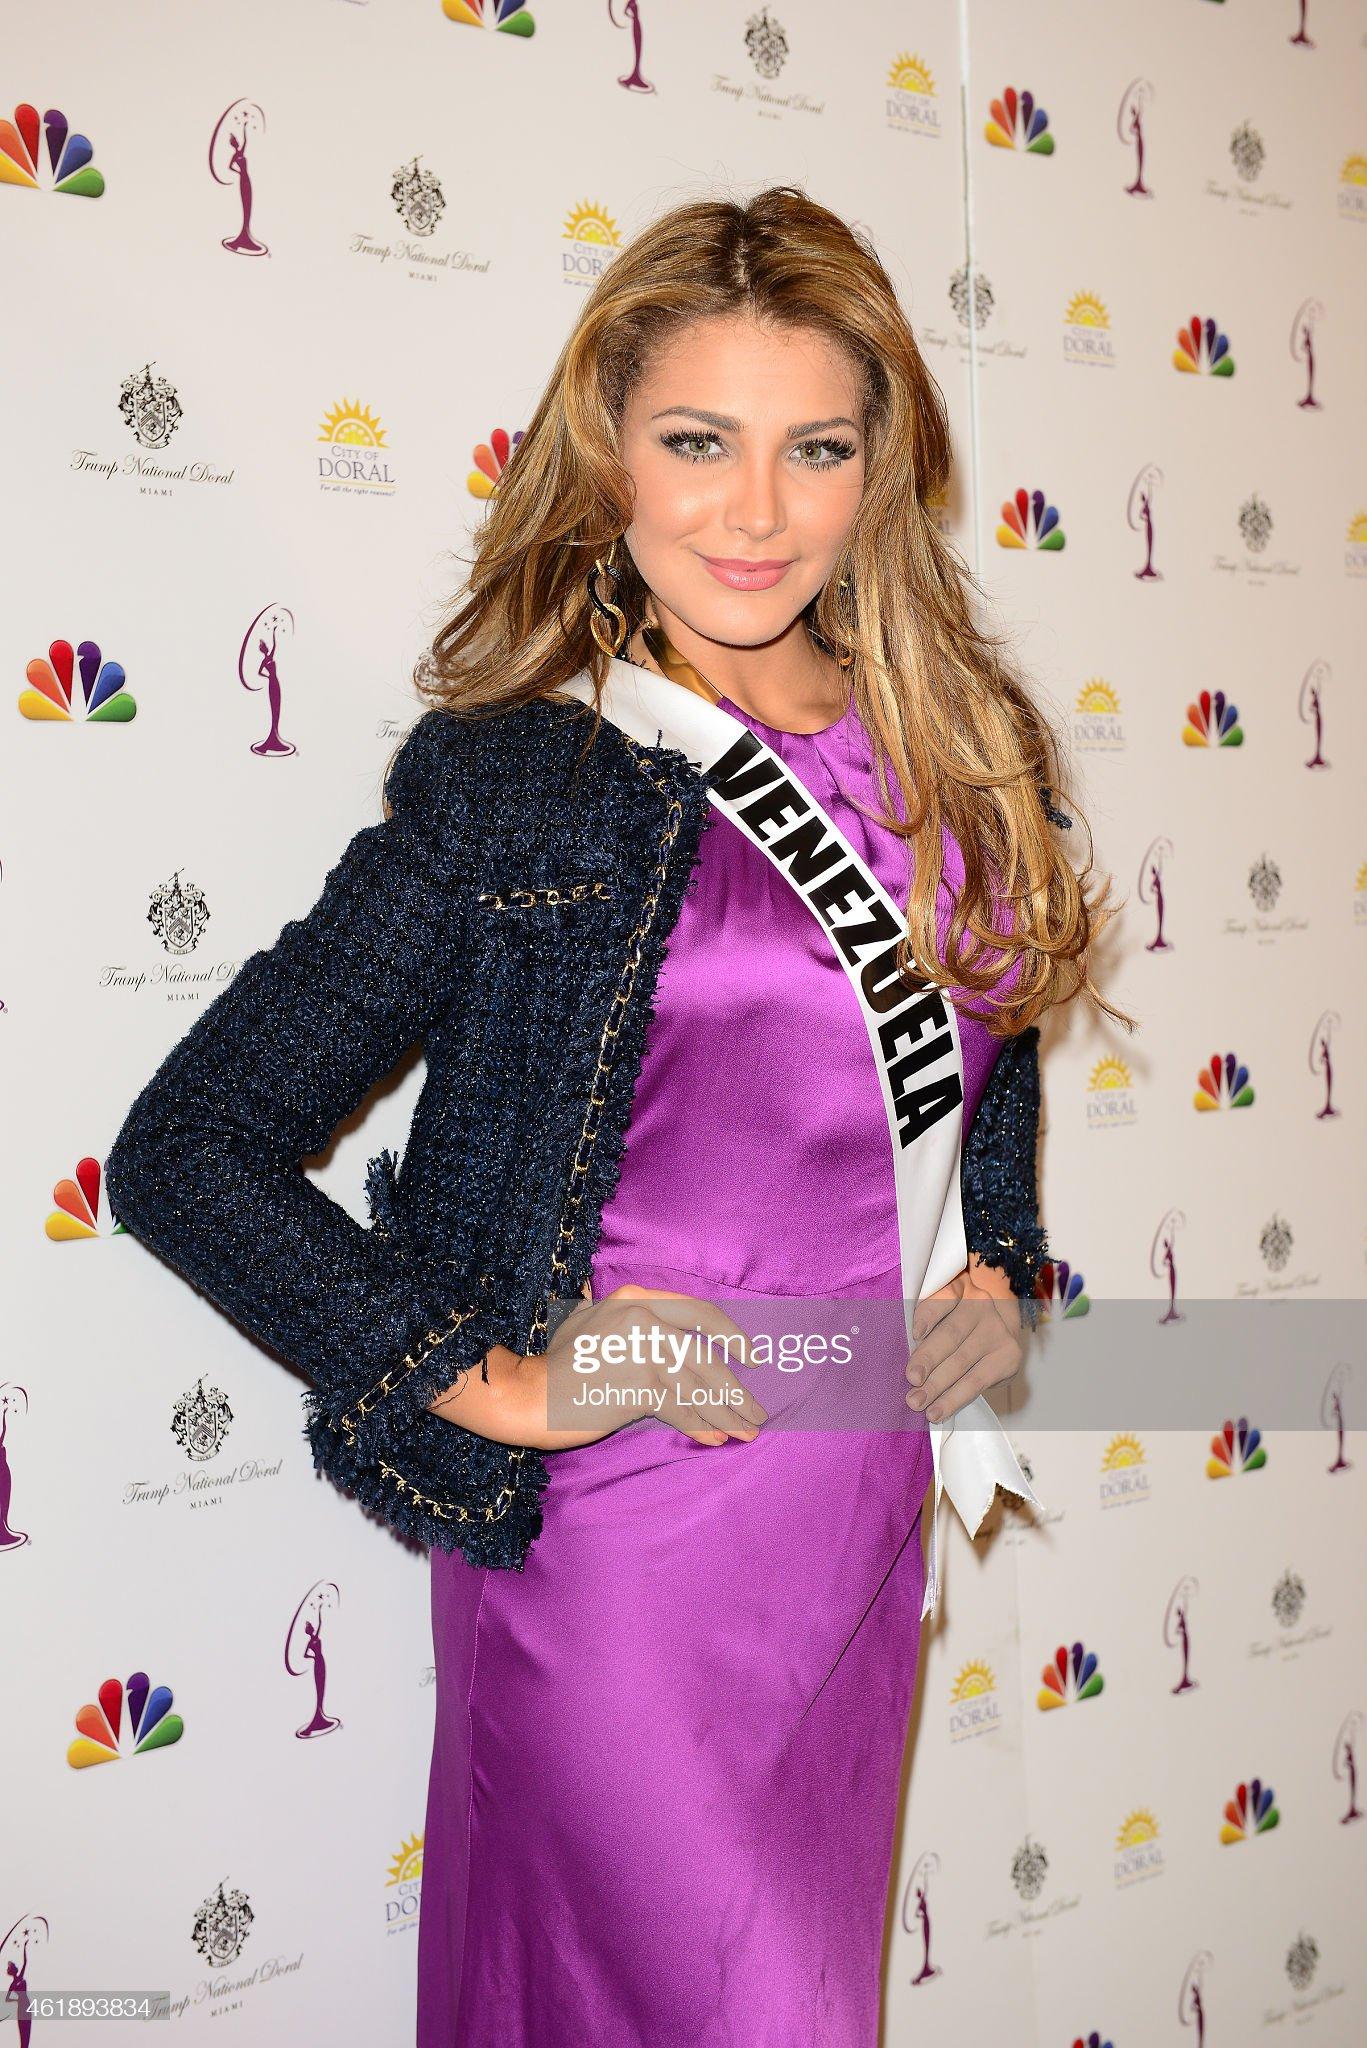 Las mezclas amerindias y europeas - Mestizas y mestizos - Página 6 Miss-venezuela-migbelis-lynette-castellanos-attends-miss-universe-picture-id461893834?s=2048x2048